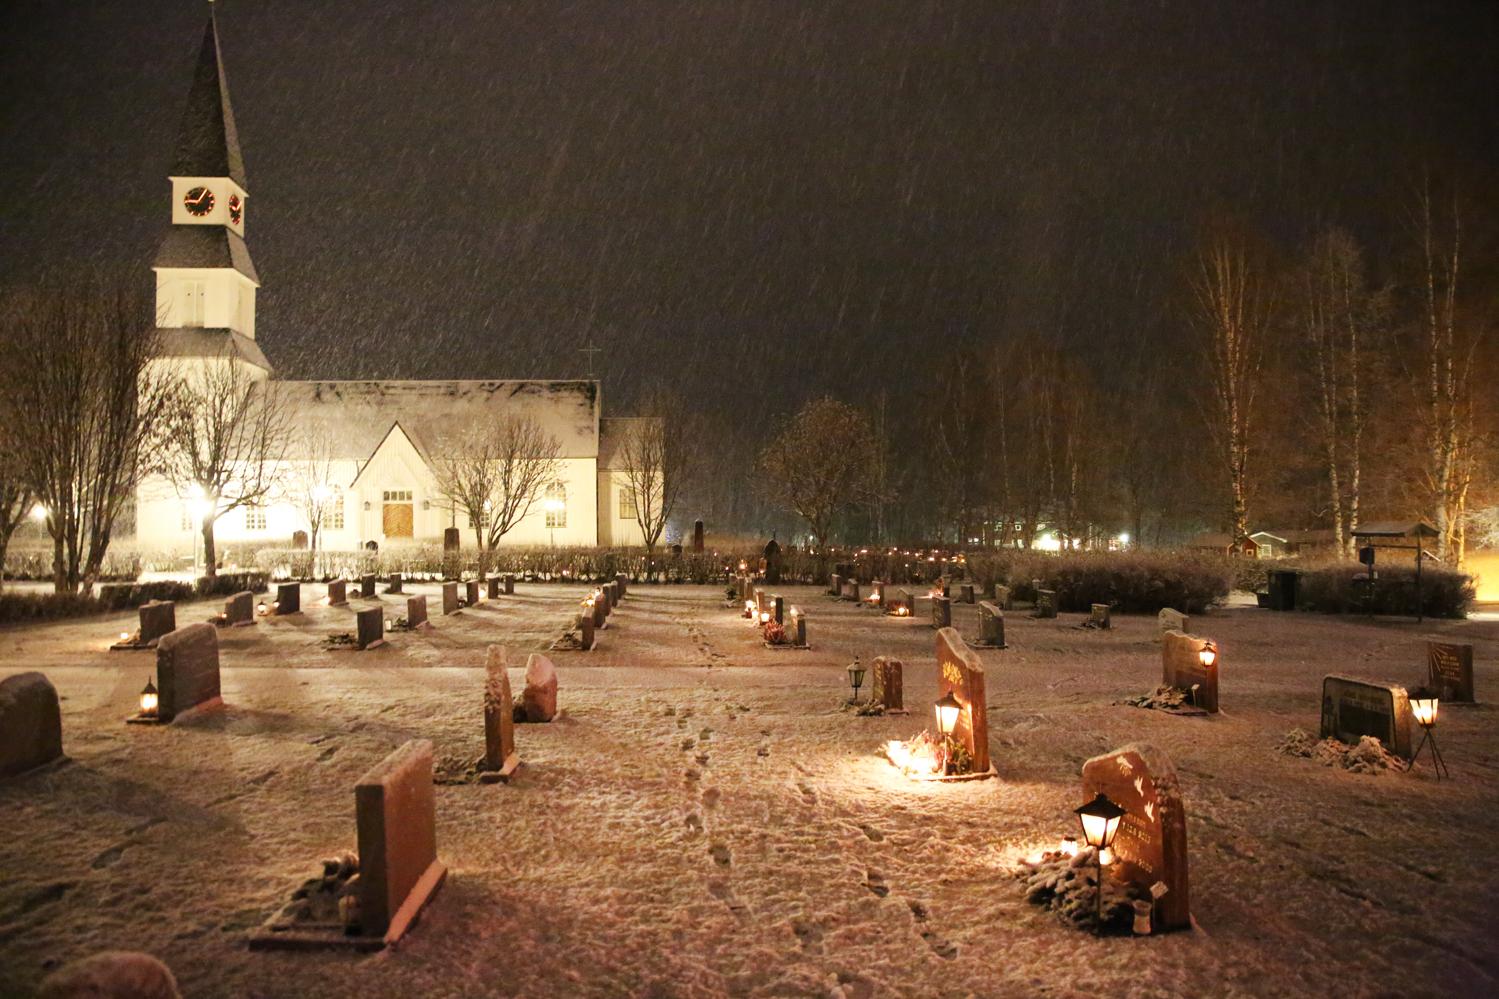 Särna_kyrka